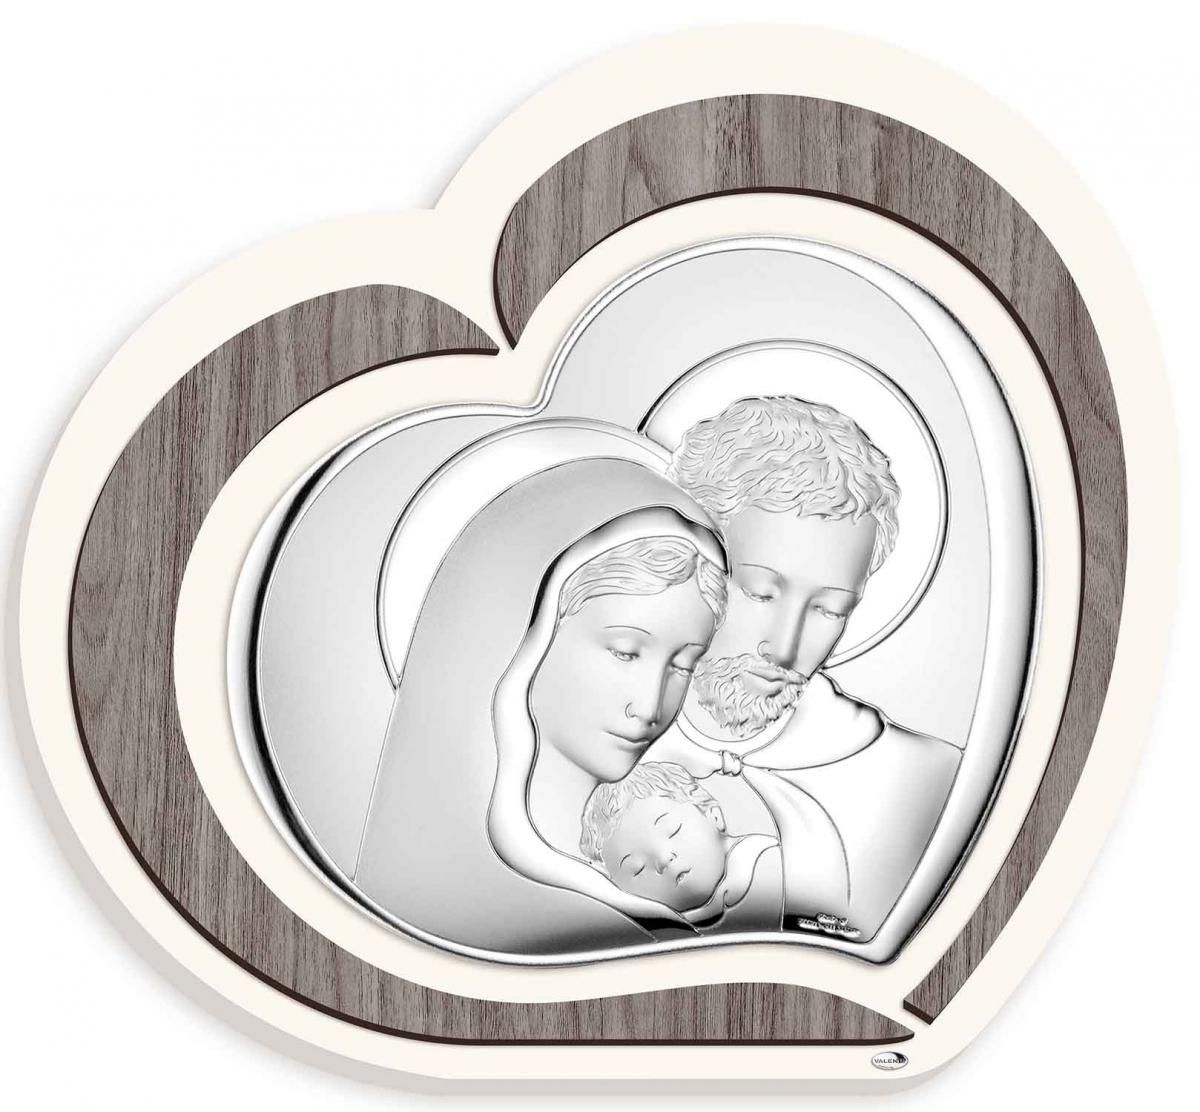 Ікона срібна Свята Родина 15х13см L220 2